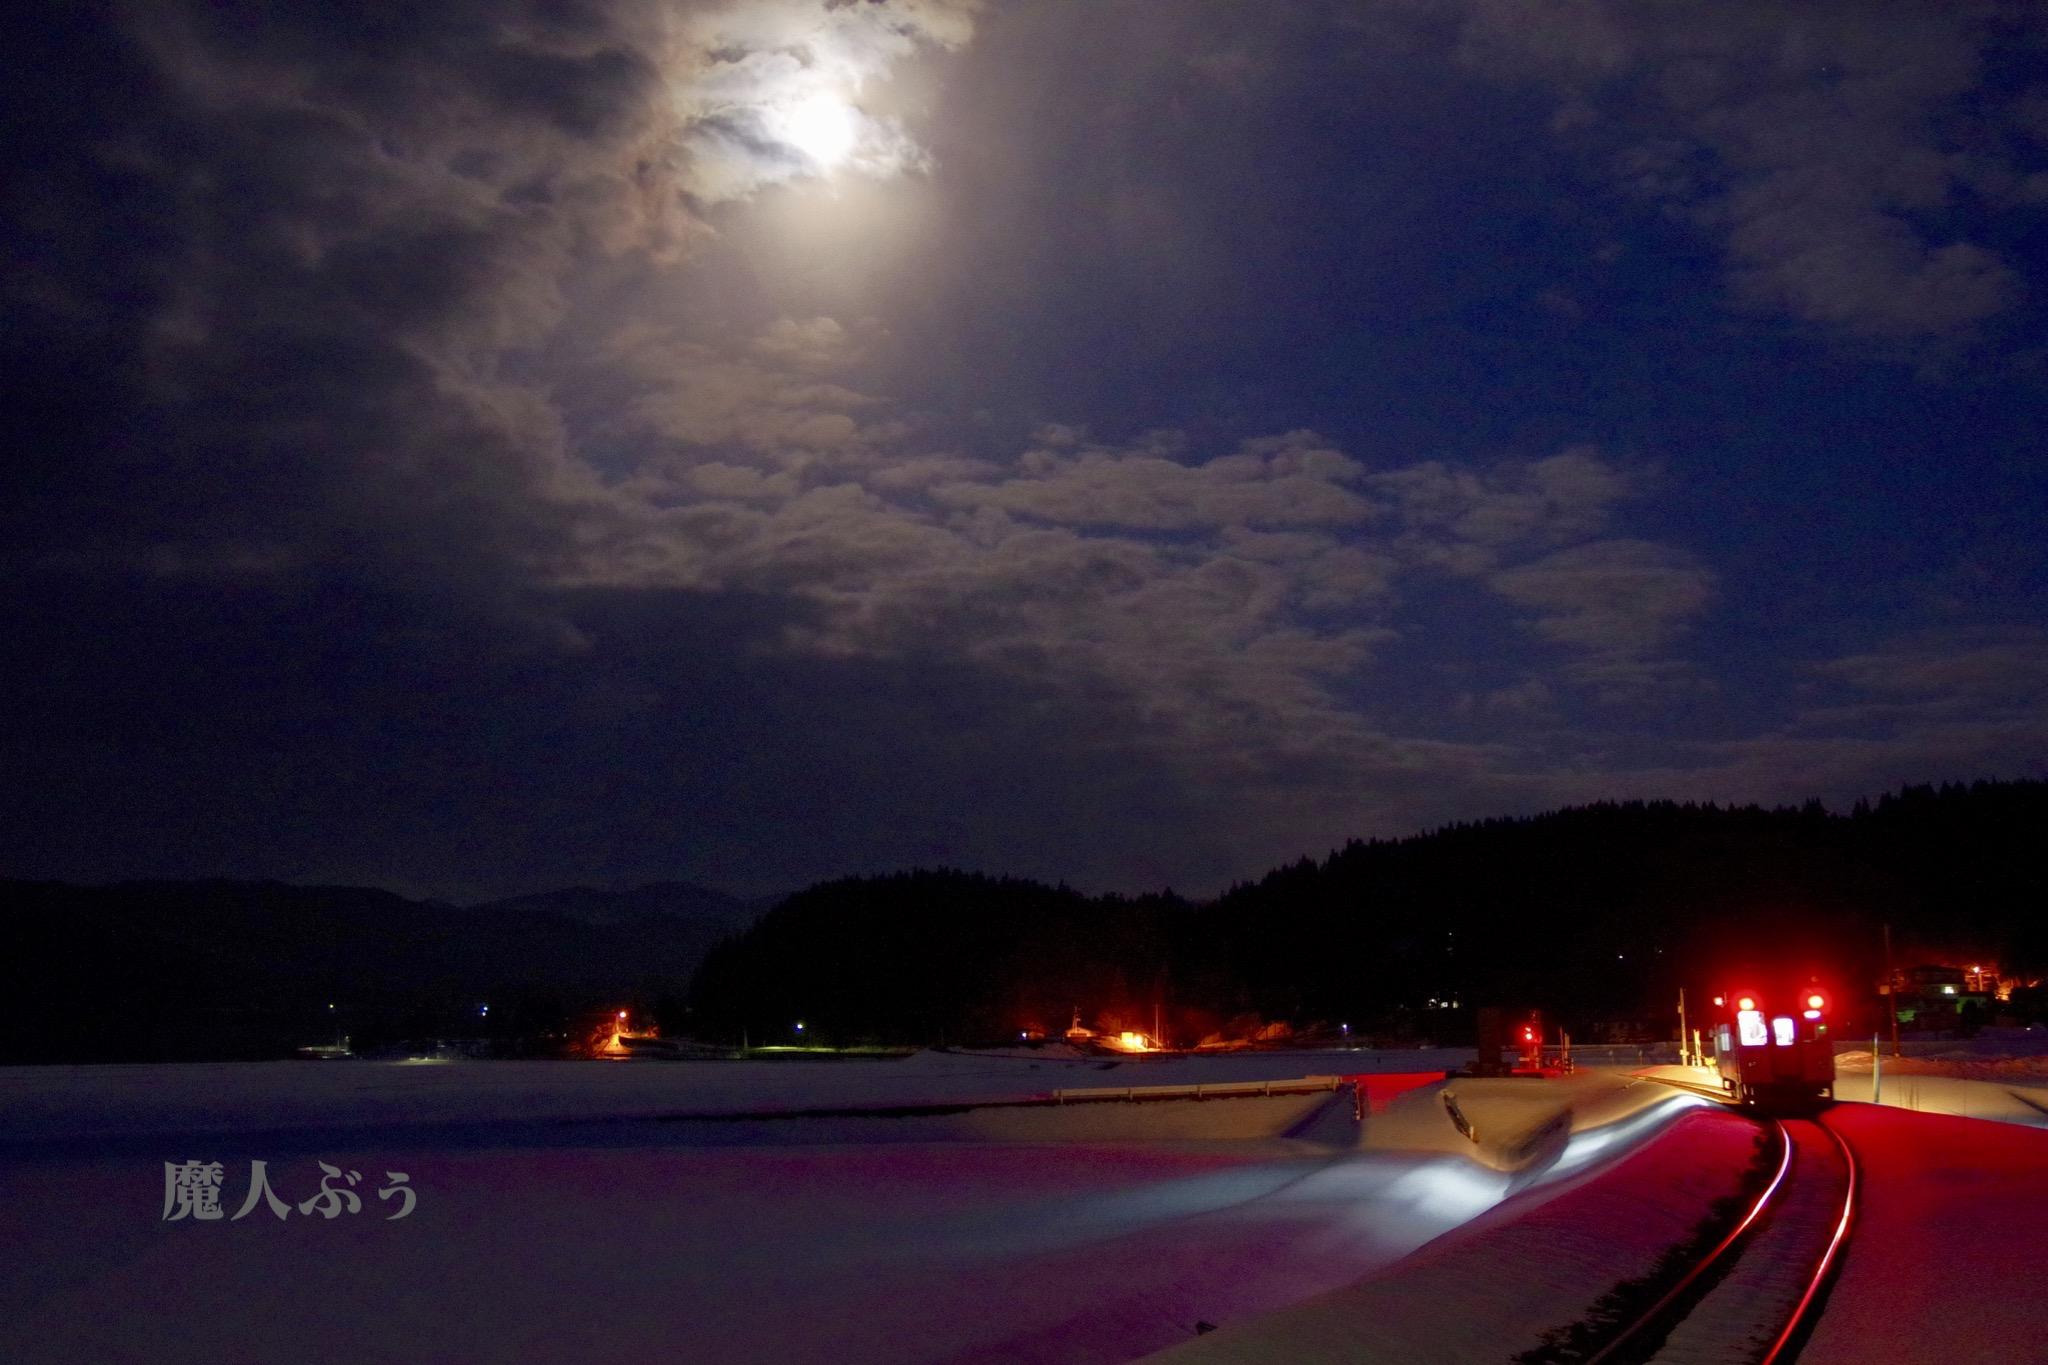 takagi_a2_IMGP7927.jpg